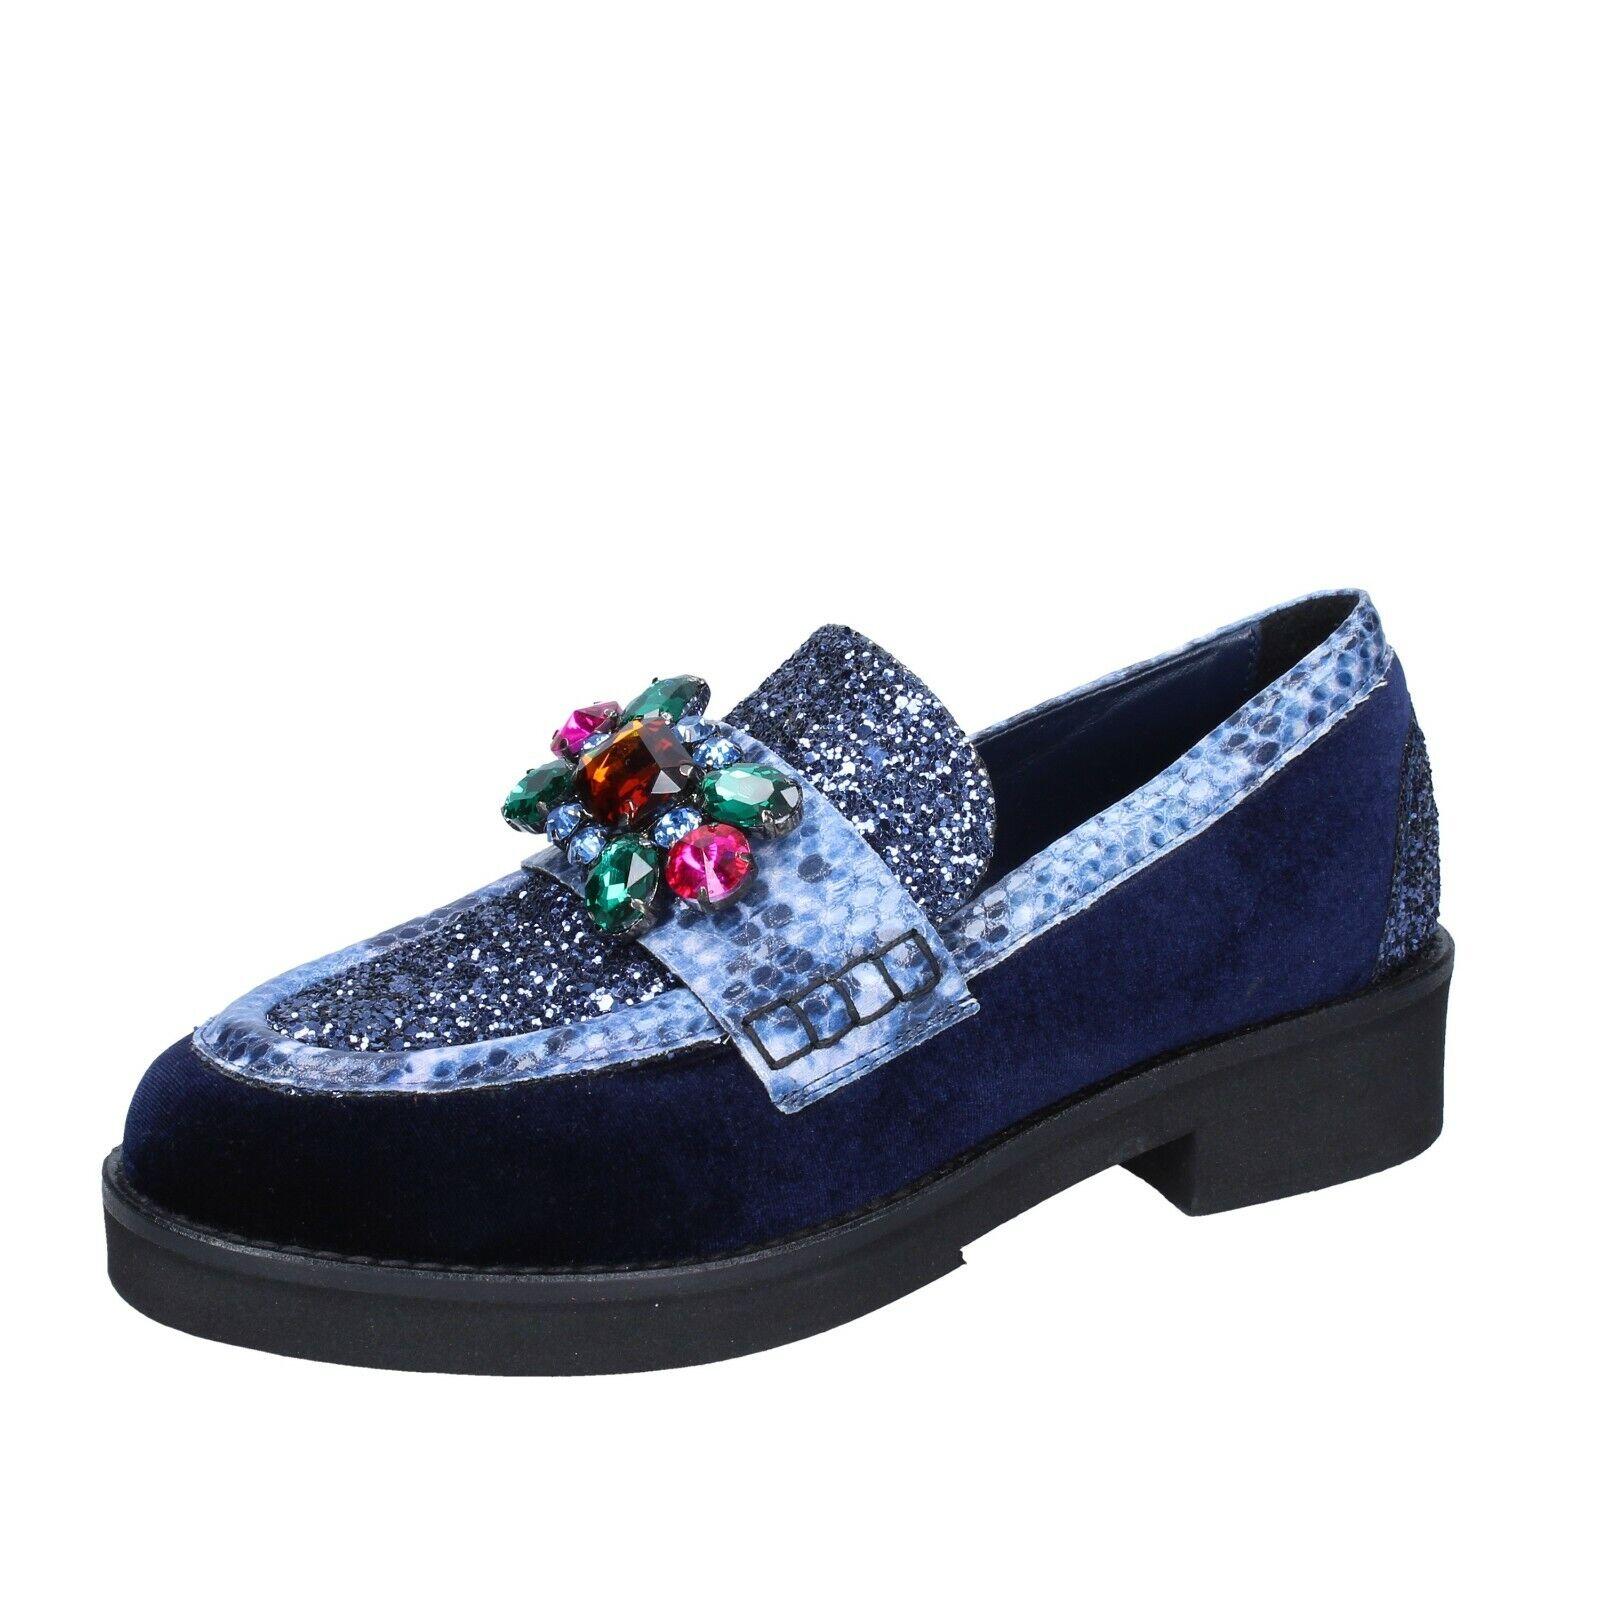 Chaussures femmes Paolina Perez 6 (UE 36) Mocassins velours bleu paillettes BR14